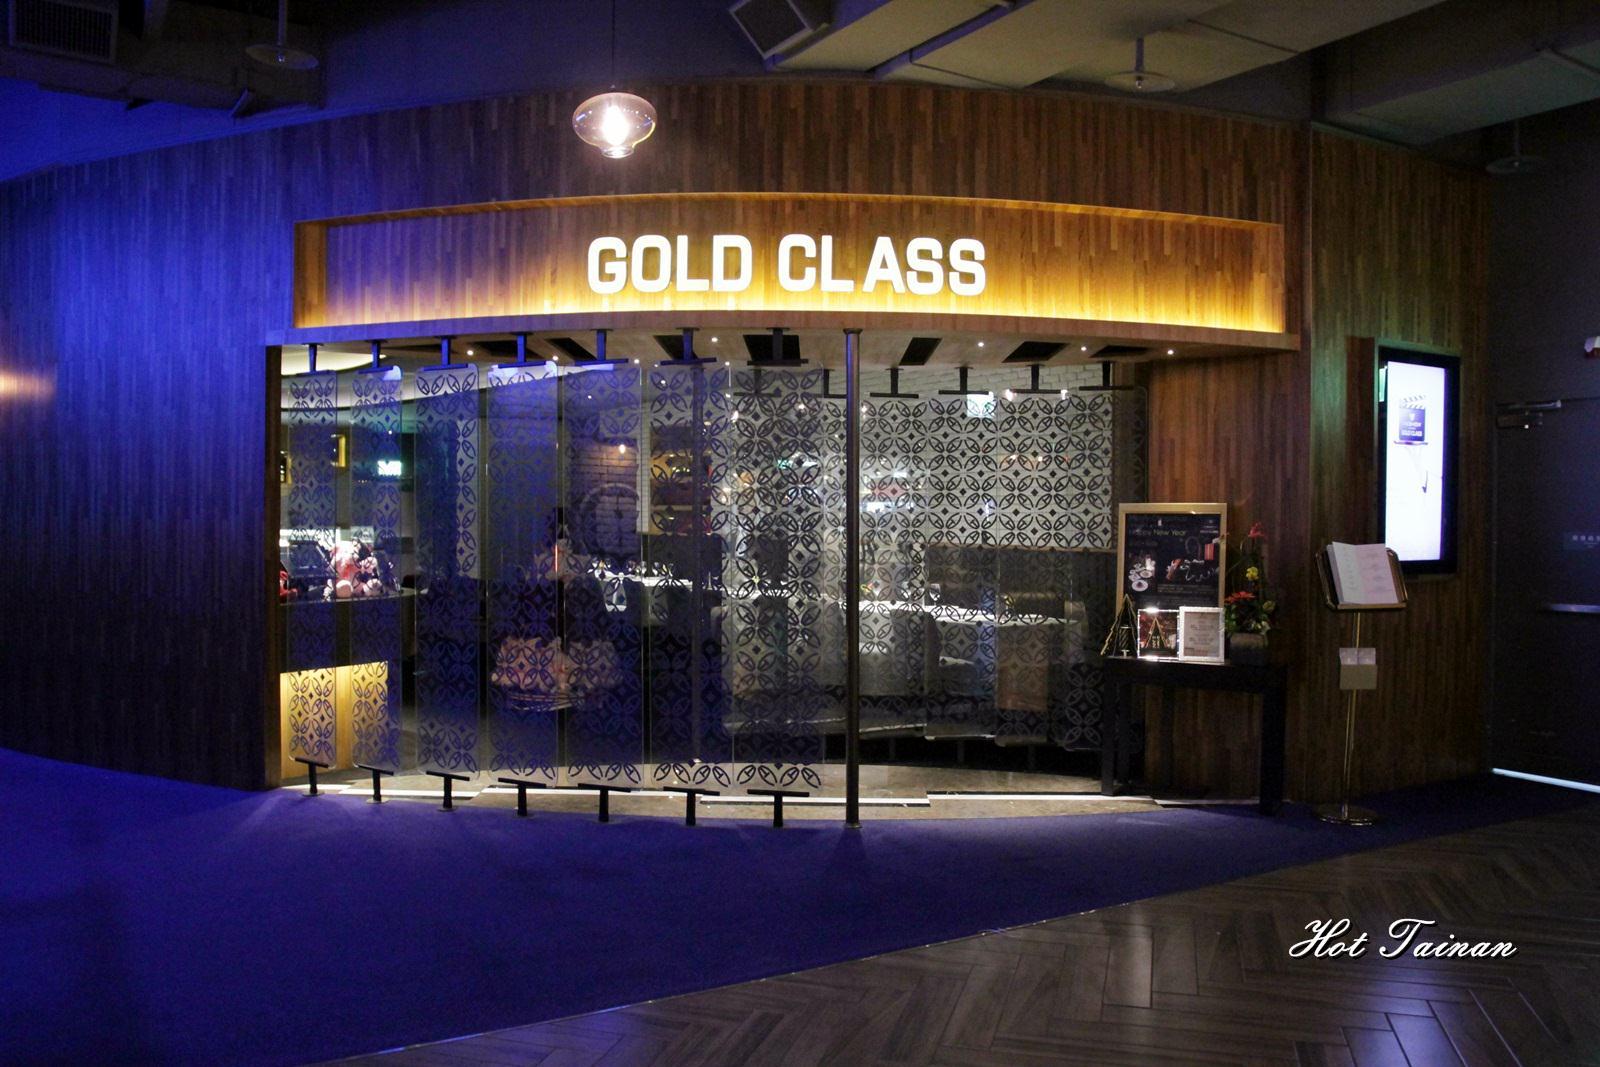 【臺南美食】南紡威秀影城GOLD CLASS:看電影嚐美食!1314情人節限定套餐~ - 熱血玩臺南。跳躍新世界